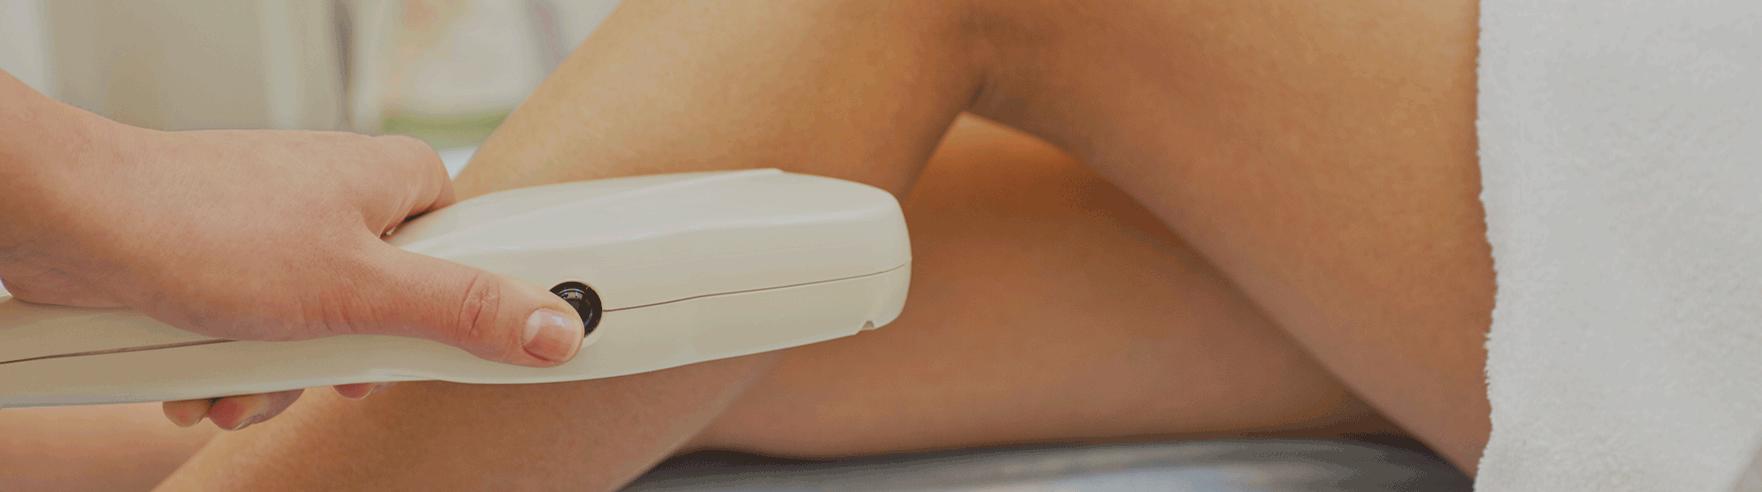 behandling af ben